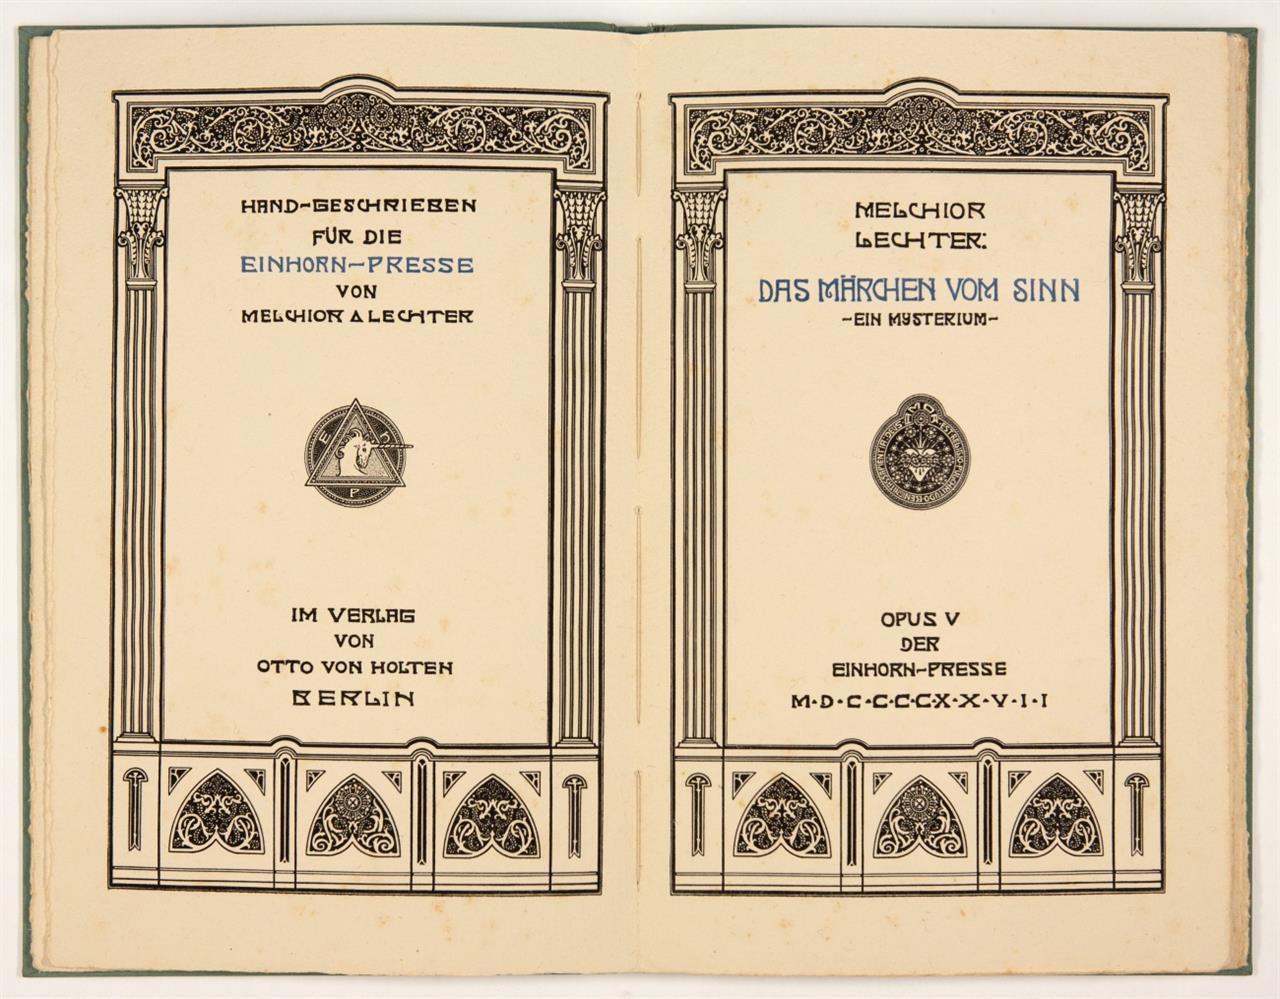 M. Lechter, Das Märchen vom Sinn. Berlin, Einhorn-Presse 1927 (Opus V). - Ex. 147/500.